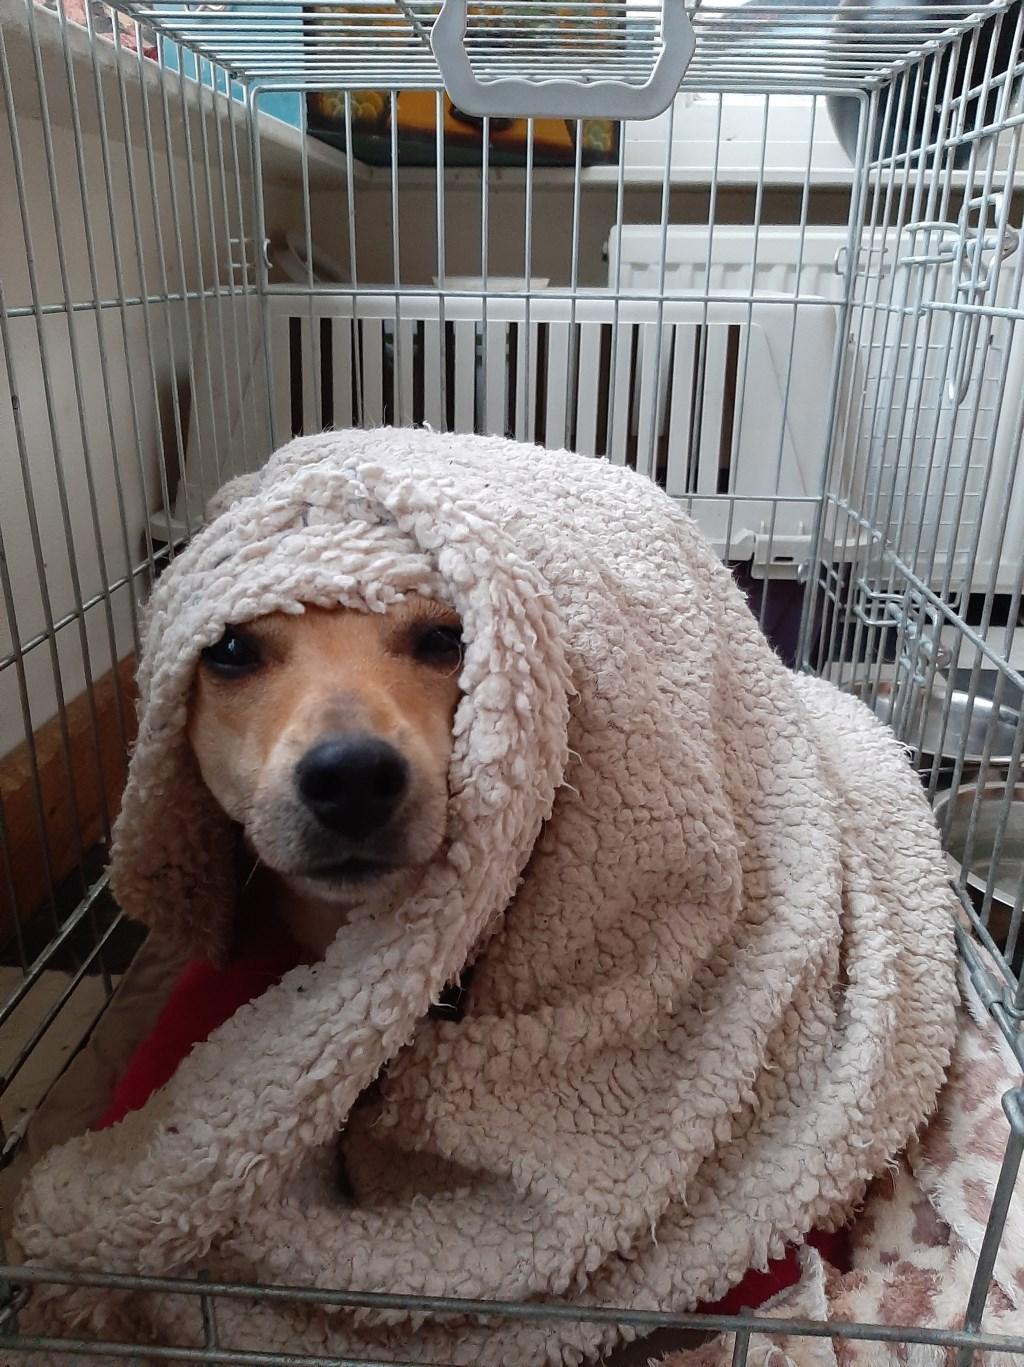 Onze hond Wolfje. Die lijkt te willen zeggen: 'Huh, is het nu al tijd om op te staan?' (Ludy Weel)  © deMooiLaarbeekkrant